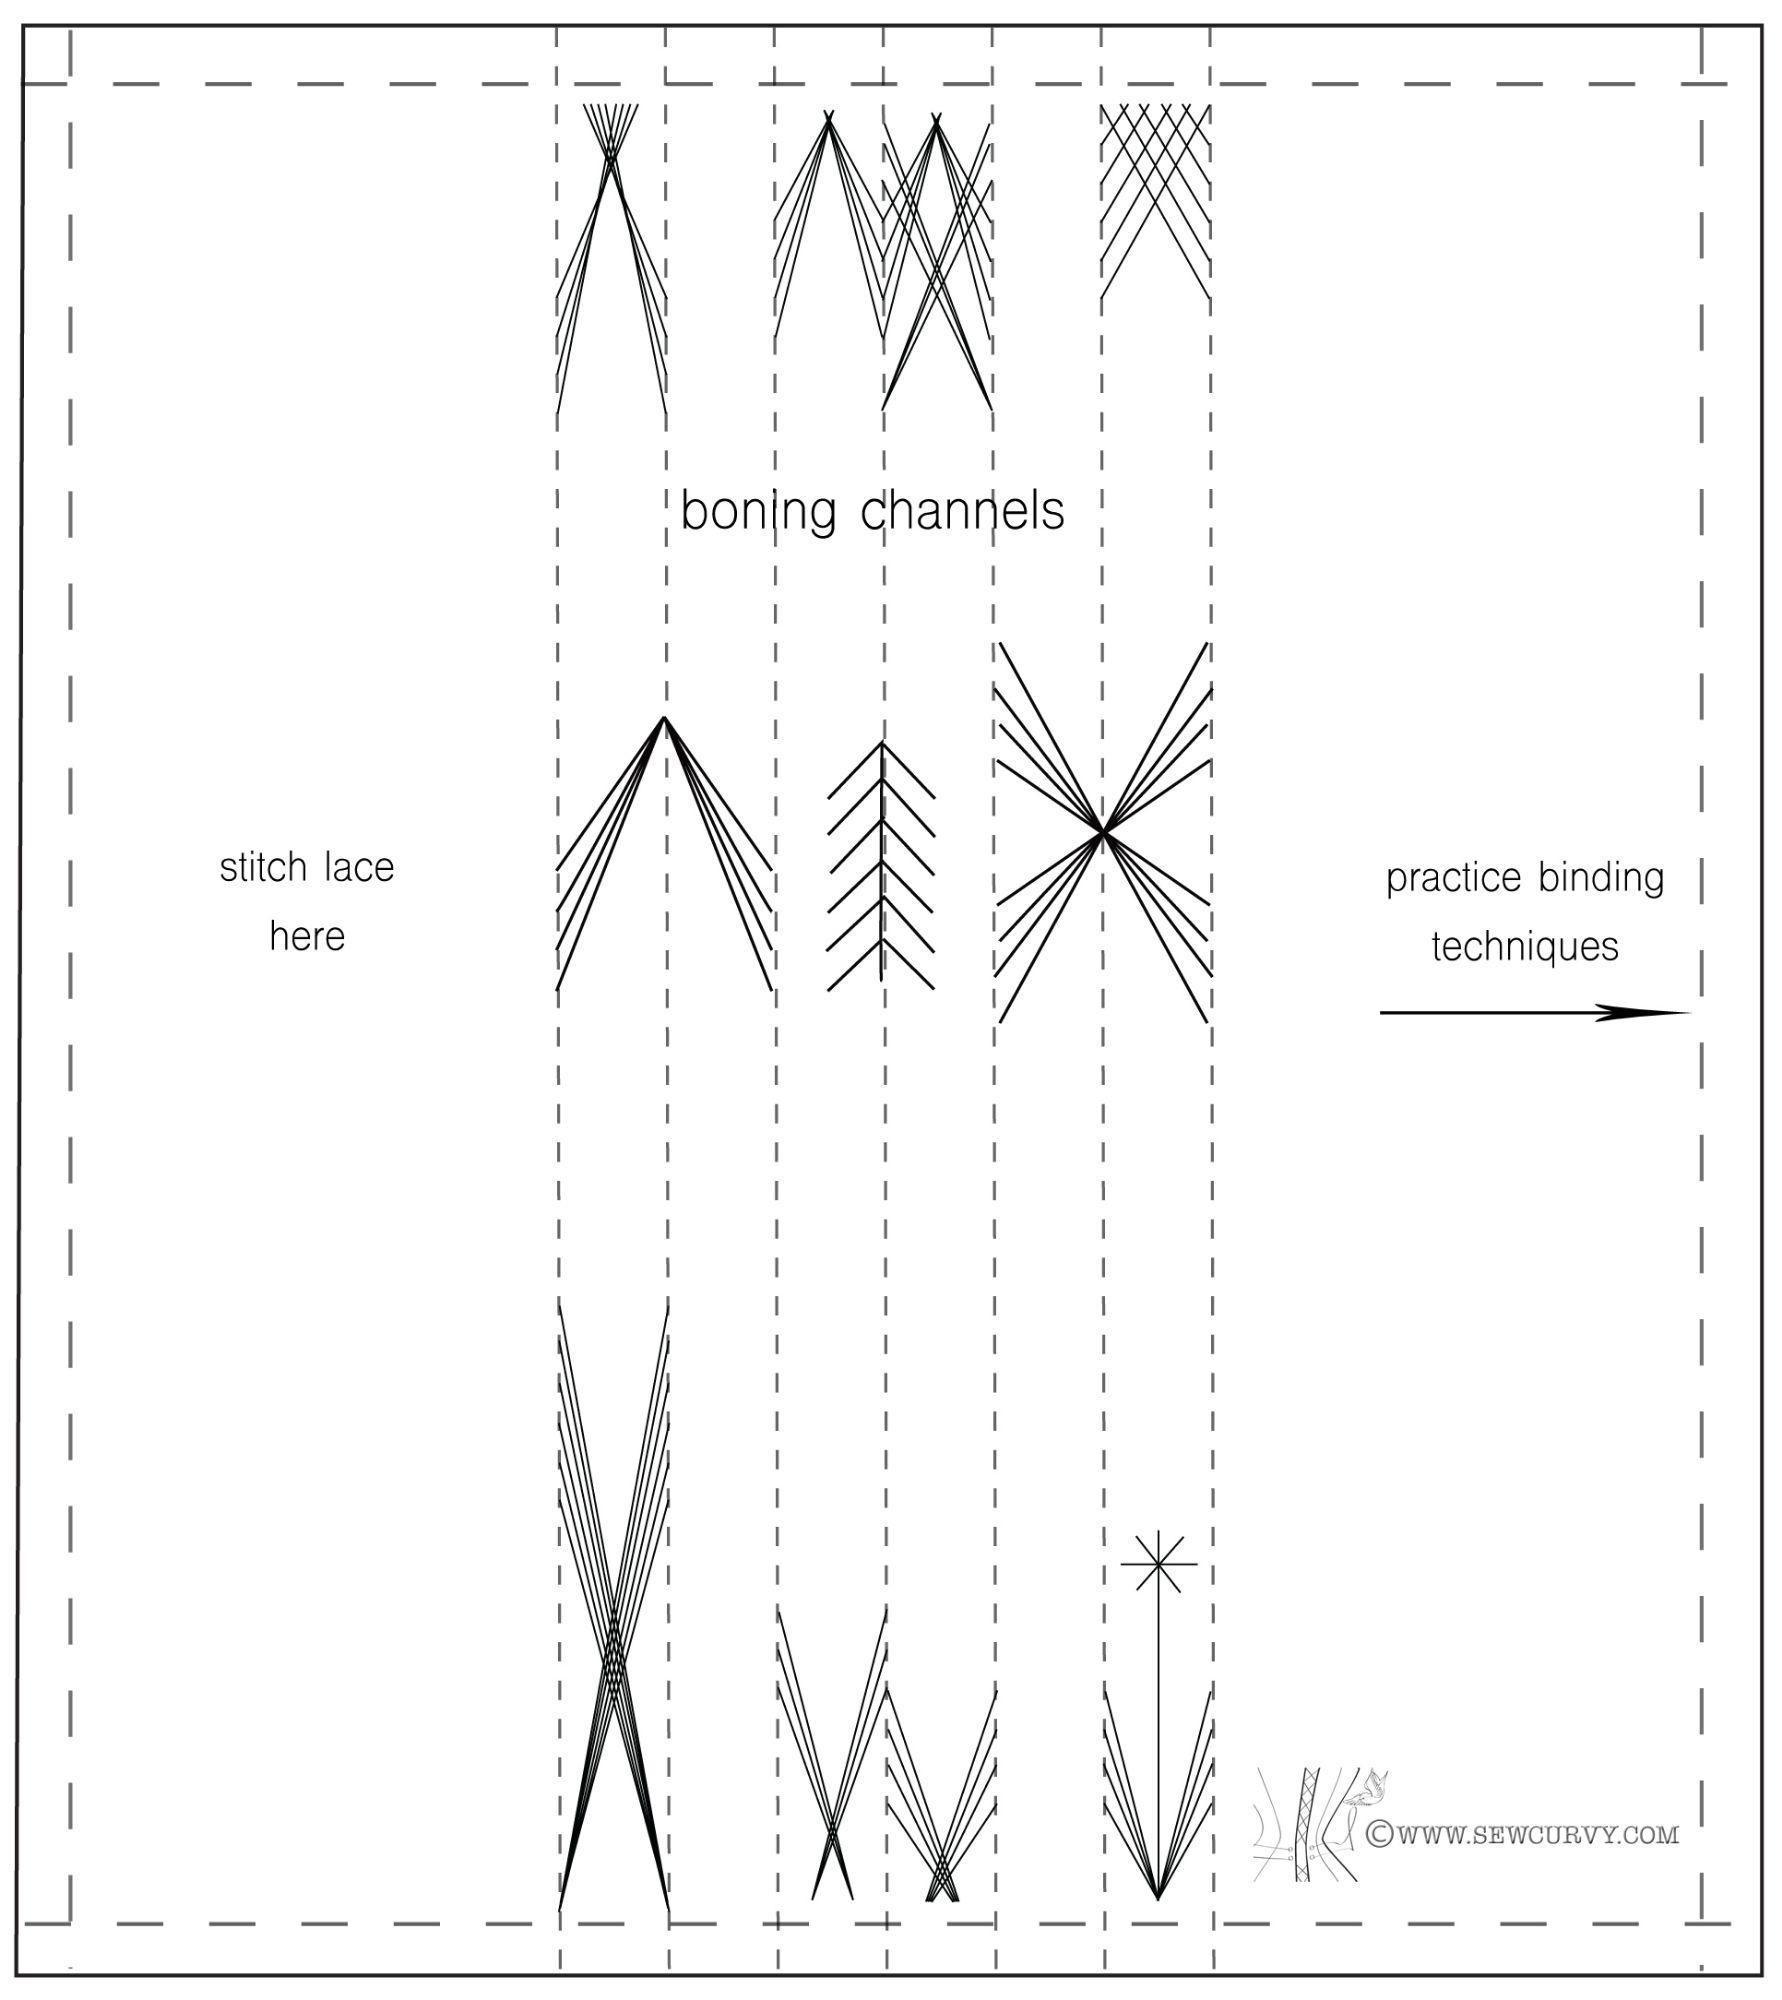 flossing sampler template